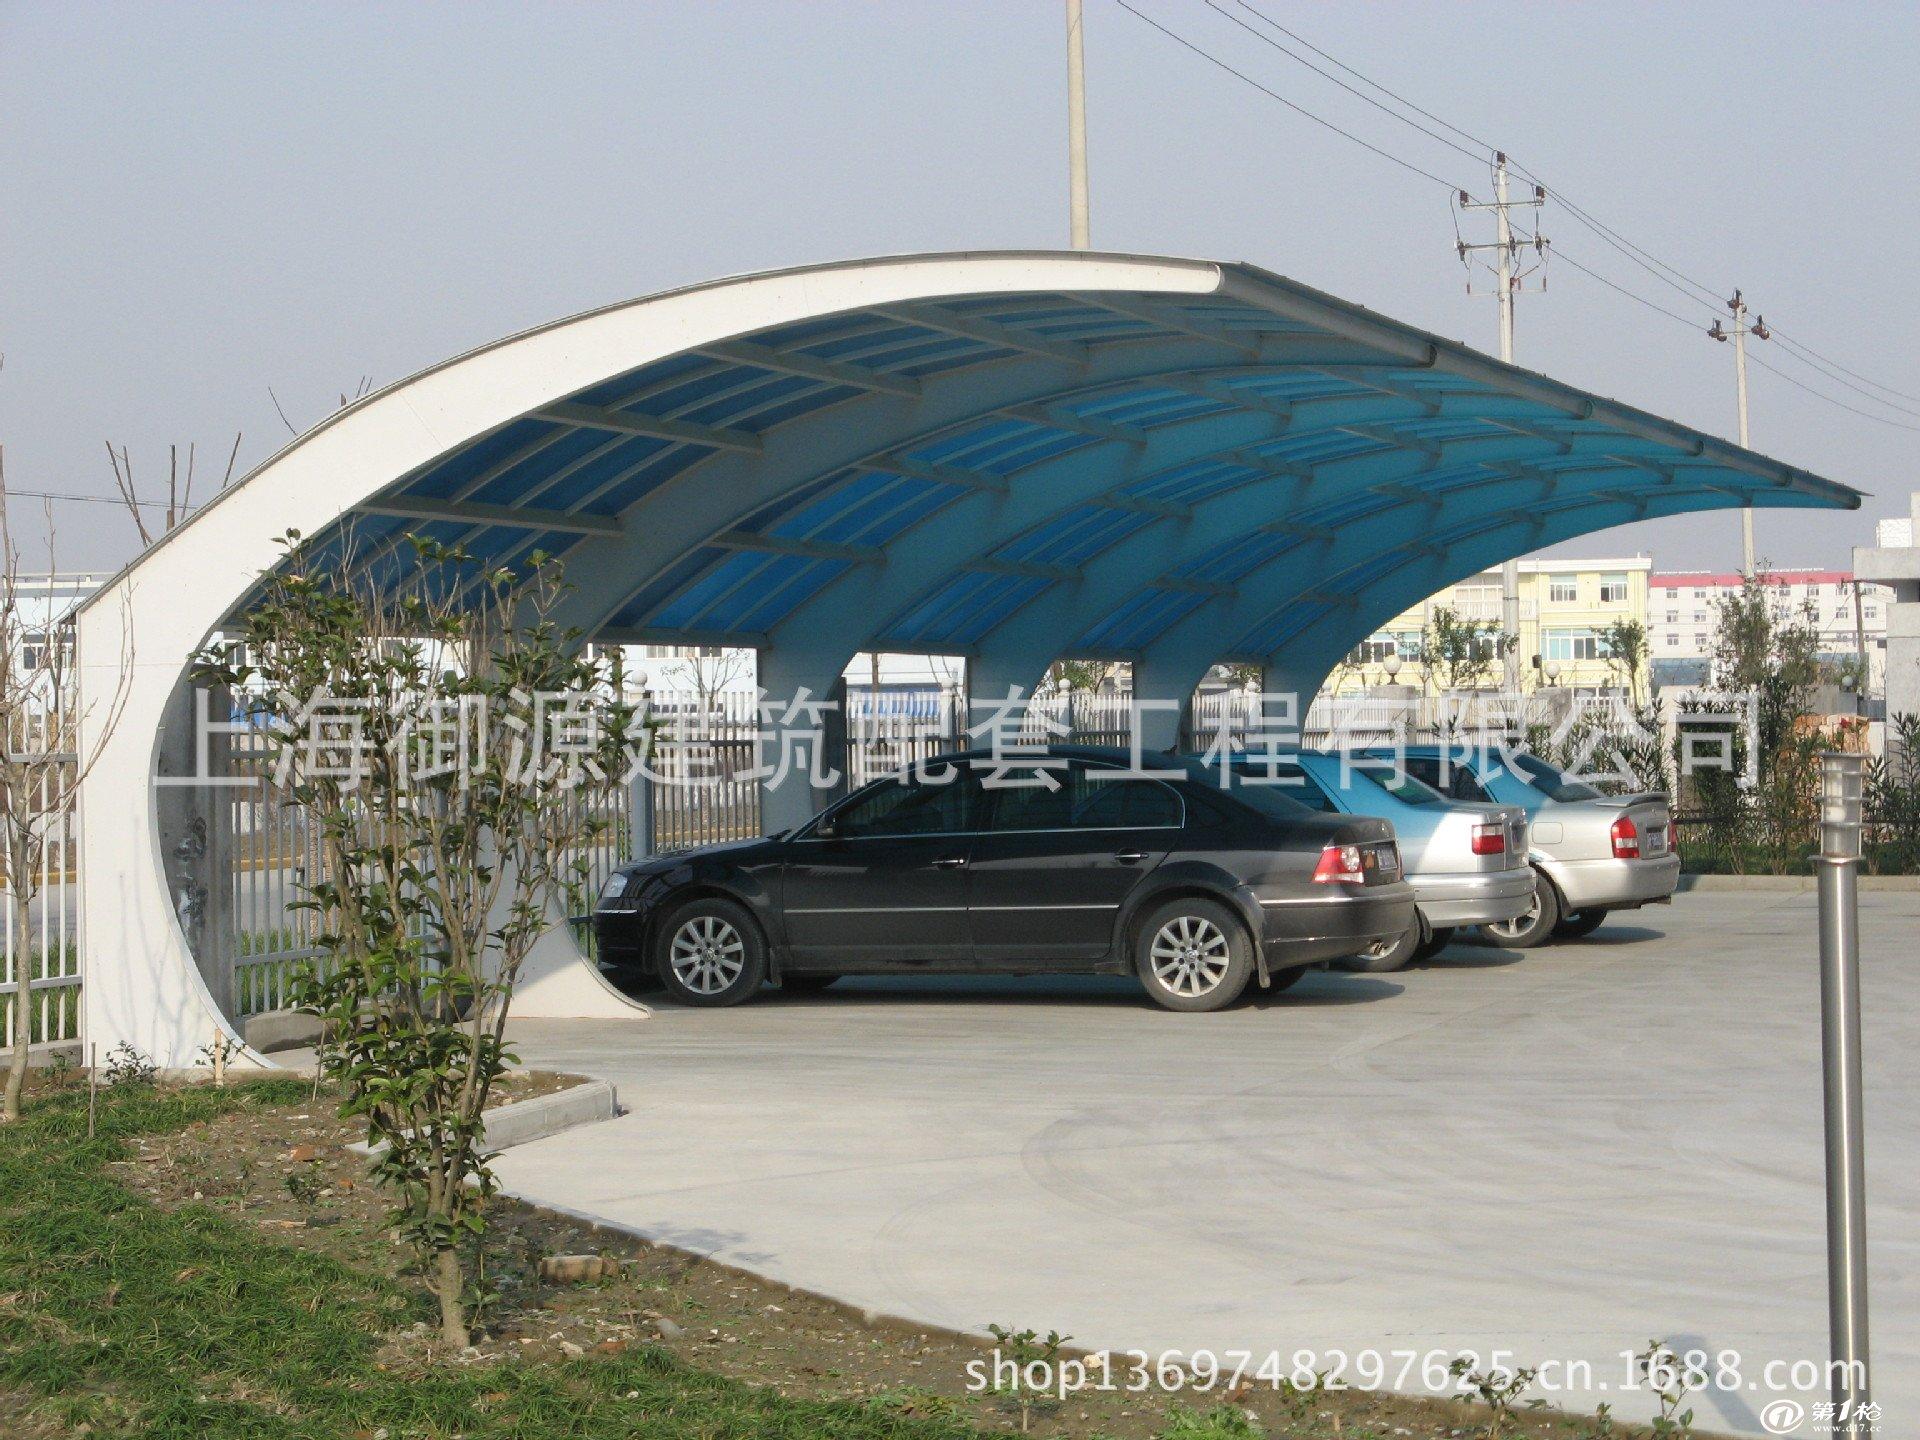 批发供应玻璃钢车棚|汽车车棚|钢结构车棚|阳光板车棚